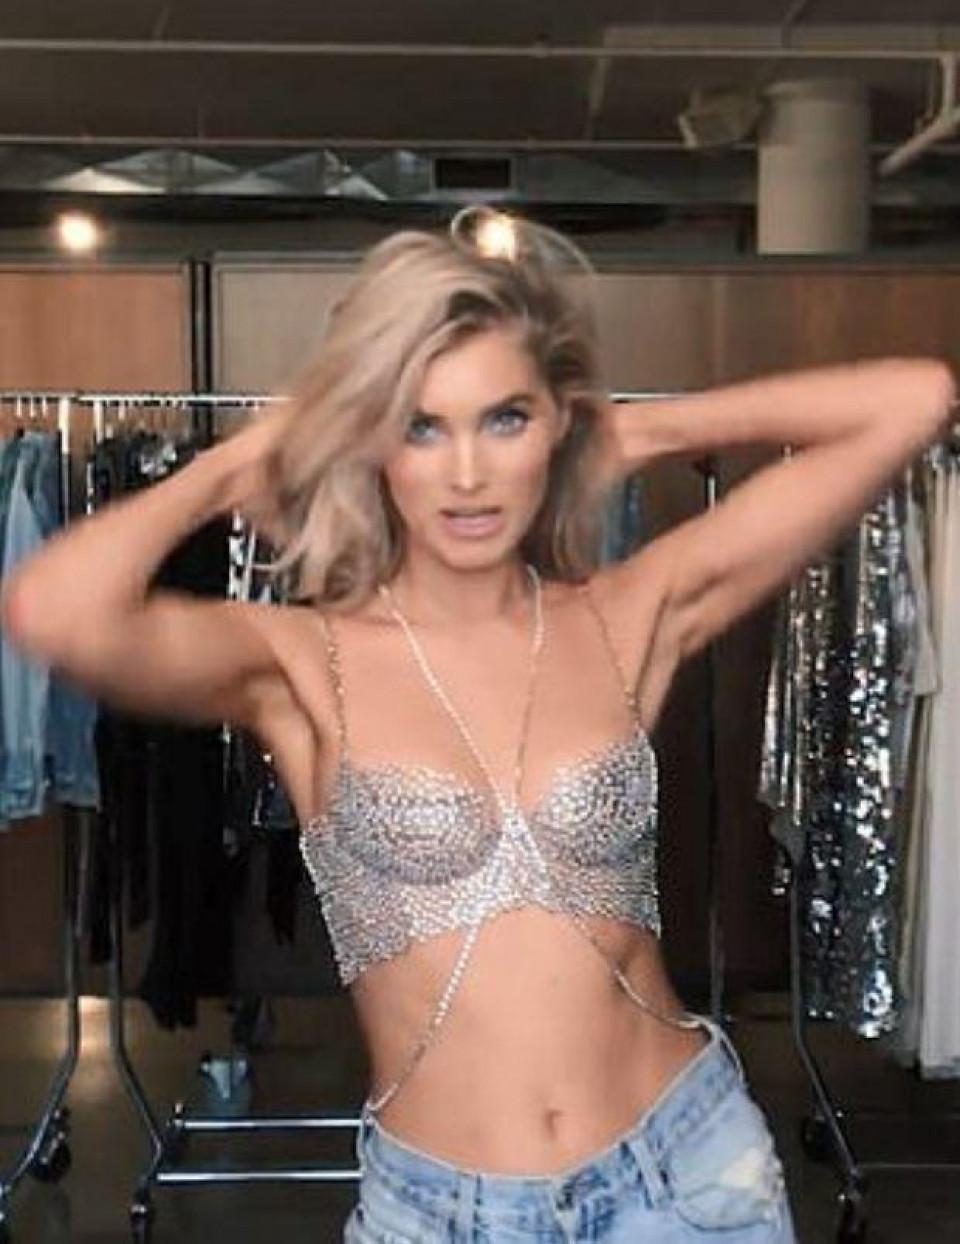 'Thiên thần' Victoria's Secret khoe áo ngực triệu đô trước show diễn Ảnh 2